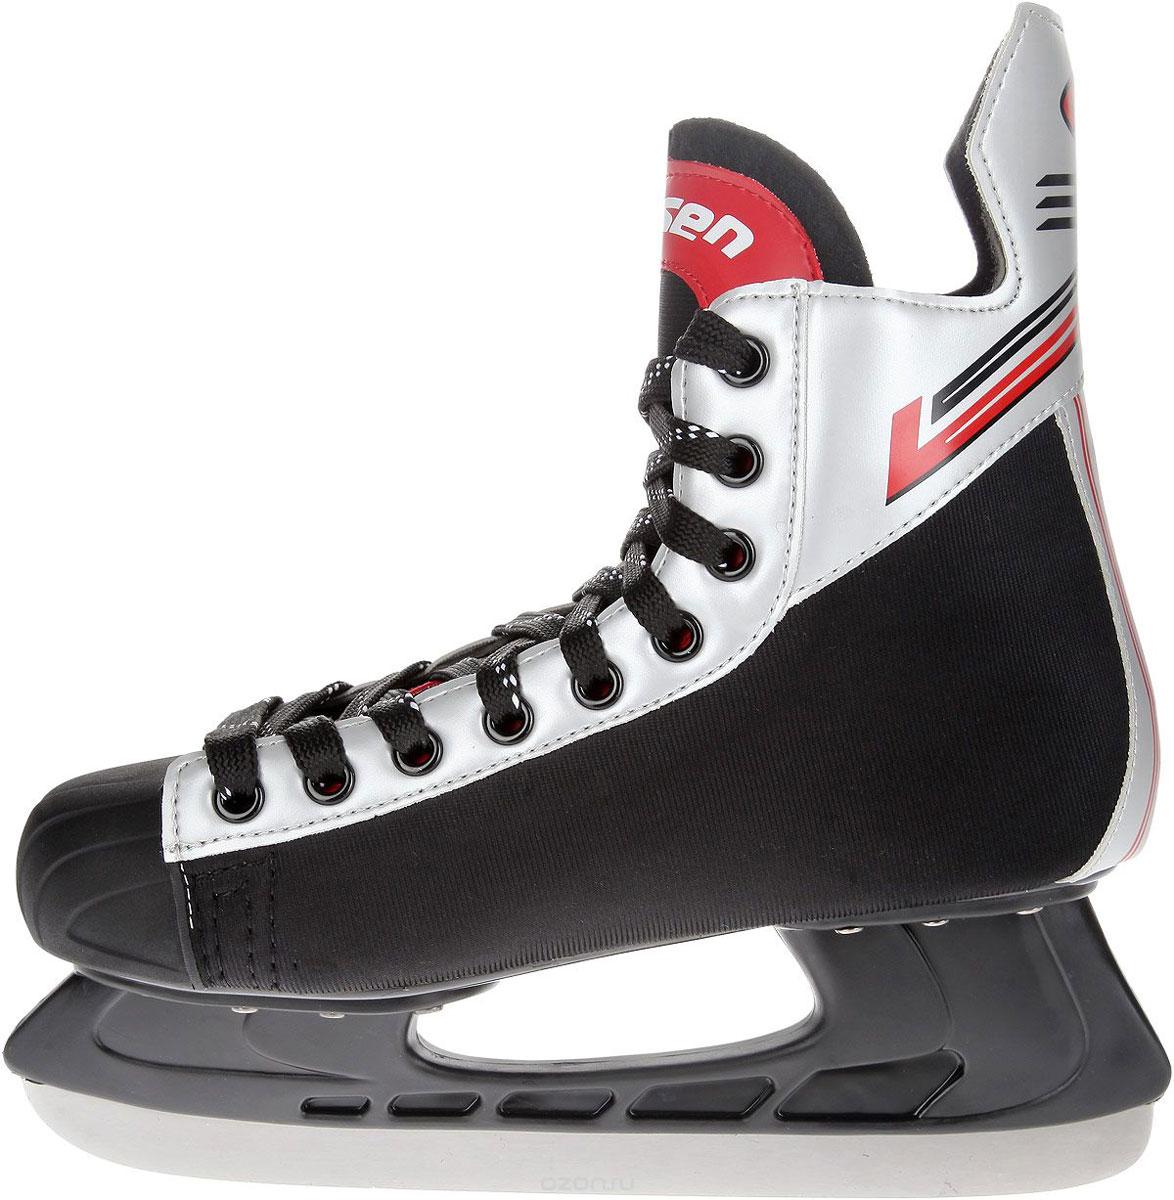 Коньки хоккейные мужские Larsen Alex, цвет: черный, серебристый, красный. Размер 45Atemi Force 3.0 2012 Black-GrayСтильные коньки Alex от Larsen прекрасно подойдут для начинающих игроков в хоккей. Ботиноквыполнен из нейлона и морозоустойчивого поливинилхлорида. Мыс дополнен вставкой изполиуретана, которая защитит ноги от ударов. Внутренний слой изготовлен из мягкого текстиля,который обеспечит тепло и комфорт во время катания, язычок - из войлока. Плотная шнуровканадежно фиксирует модель на ноге. Голеностоп имеет удобный суппорт. Стелька из EVA стекстильной поверхностью обеспечит комфортное катание. Стойка выполнена изударопрочного полипропилена. Лезвие из нержавеющей стали обеспечит превосходноескольжение. В комплект входят пластиковые чехлы для лезвий.